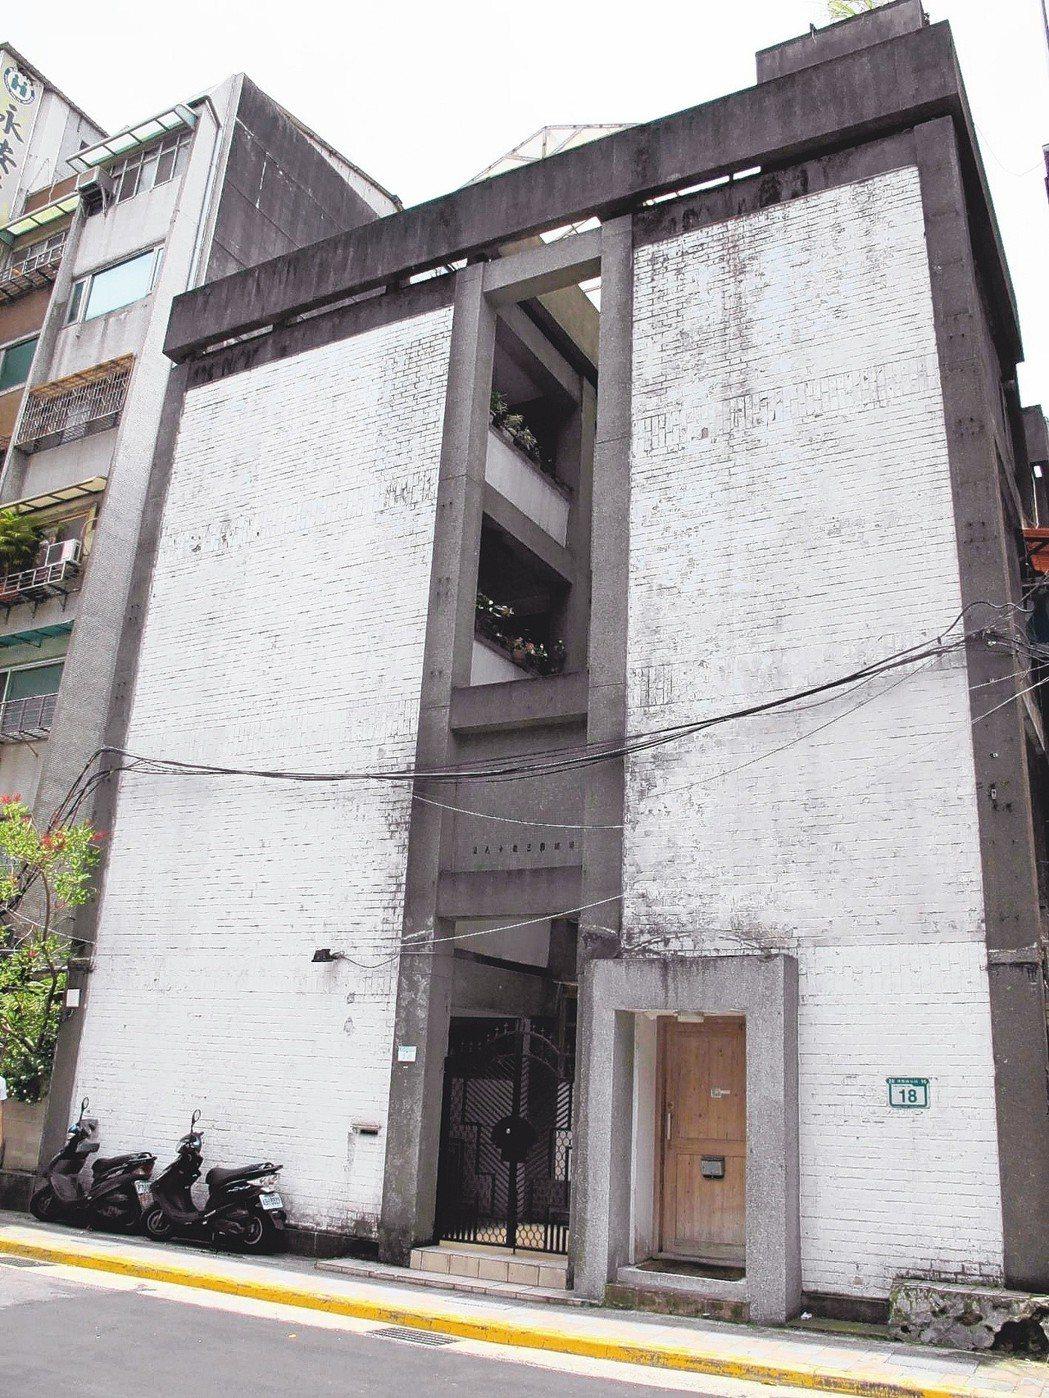 「虹廬」極簡的H型內凹立面設計,被認為與日本建築師安藤忠雄的「住吉長屋」有類似的...